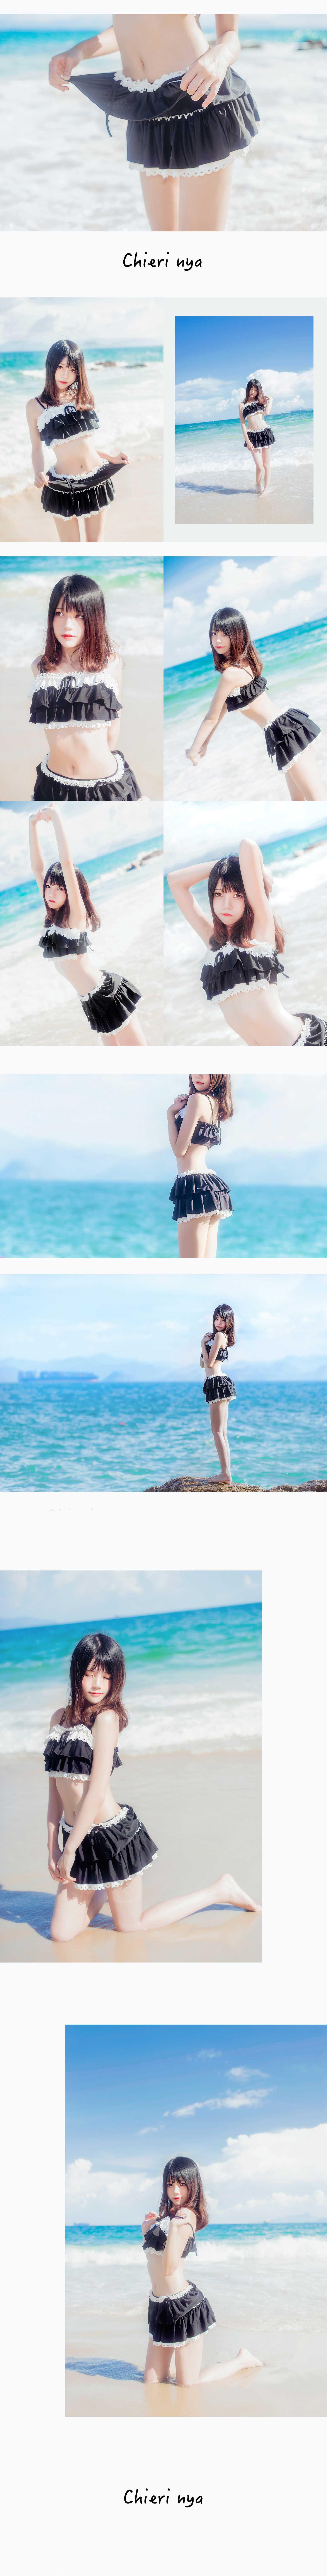 免费⭐微博红人⭐桜桃喵@写真cos-一起去海边吧(桜桃喵)【10P】插图10